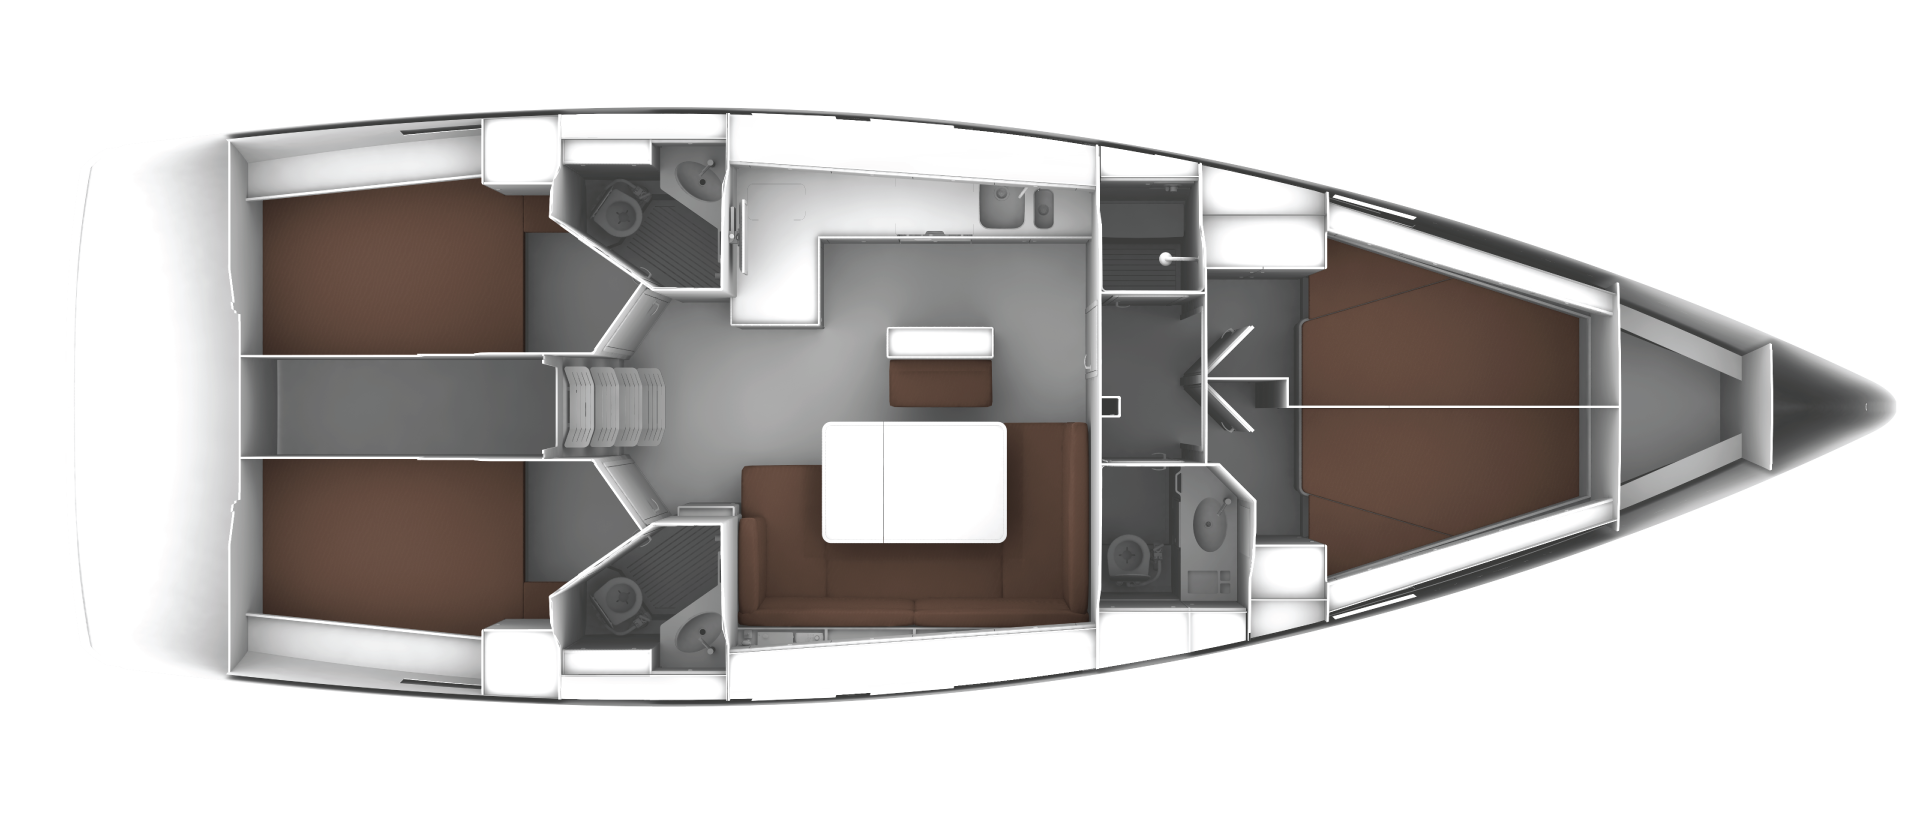 bavaria-46-1-layout.jpg